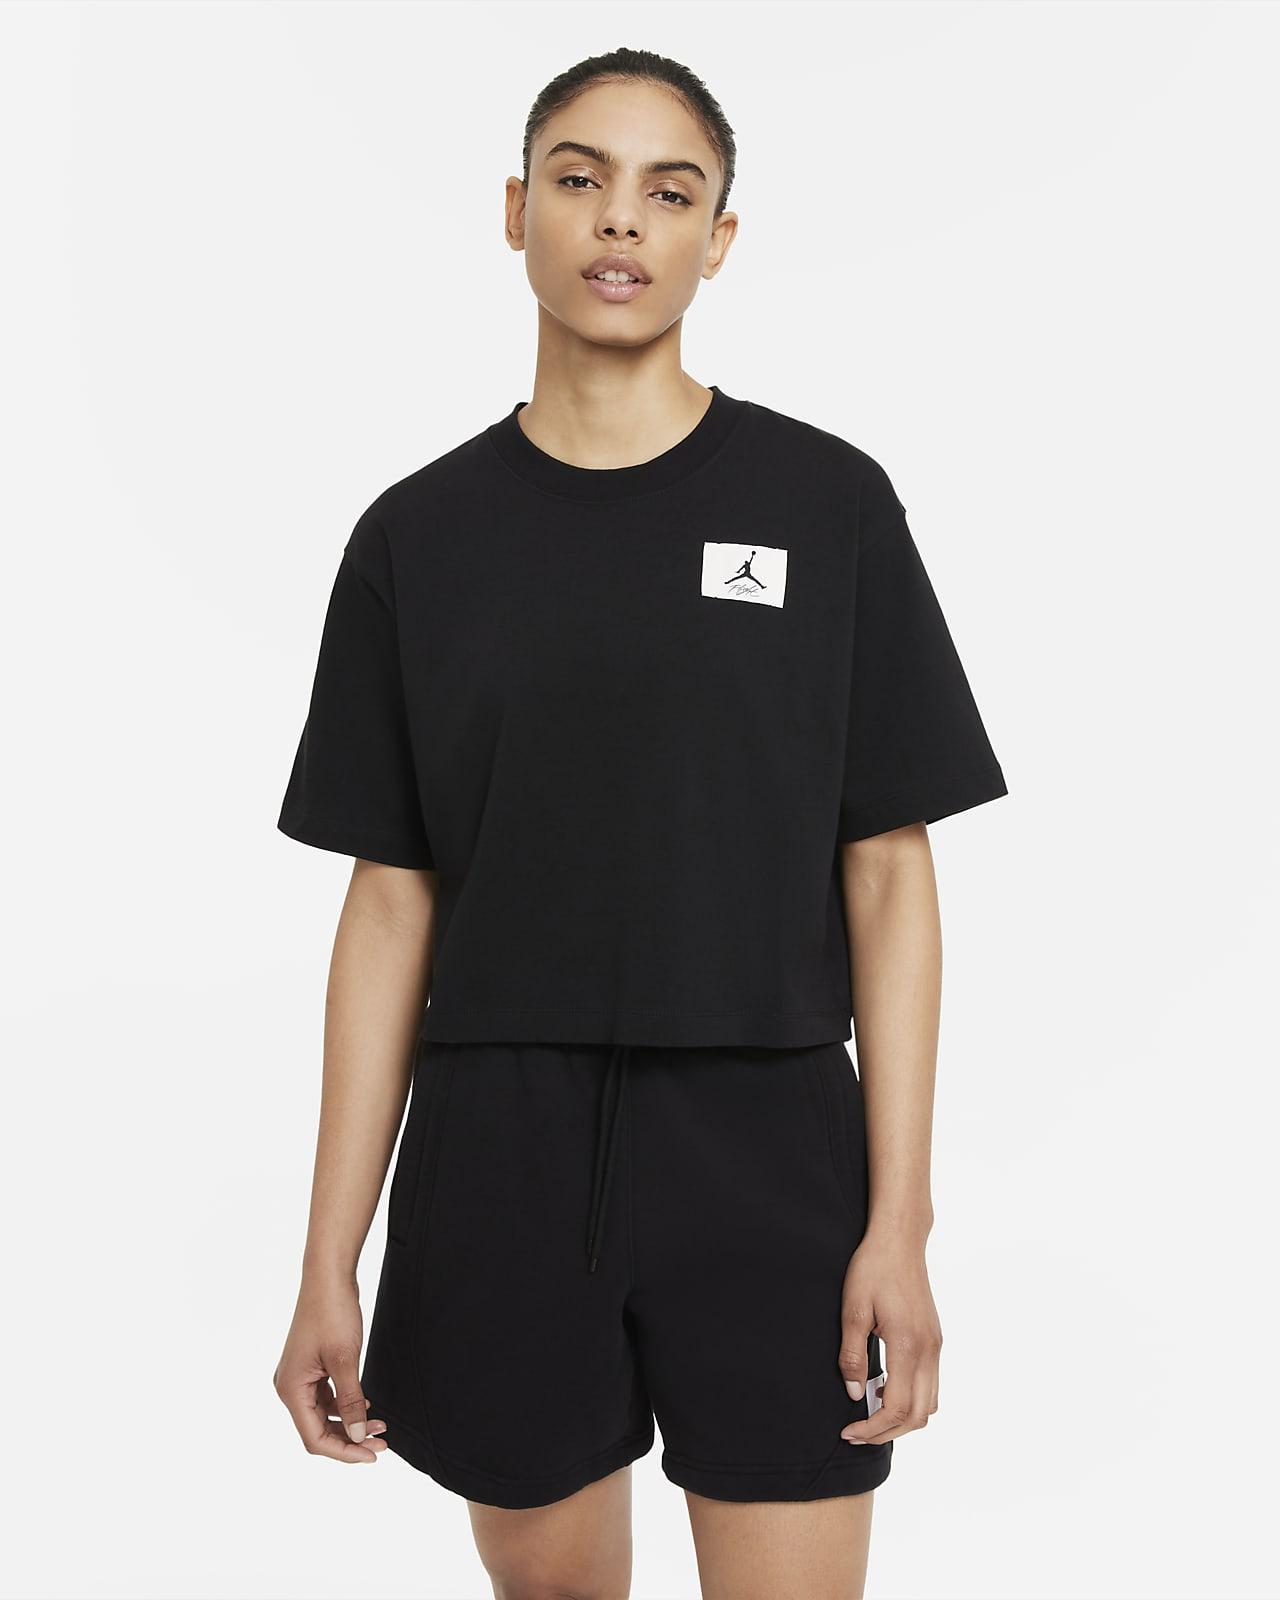 Jordan Essentials 女款寬版 T 恤